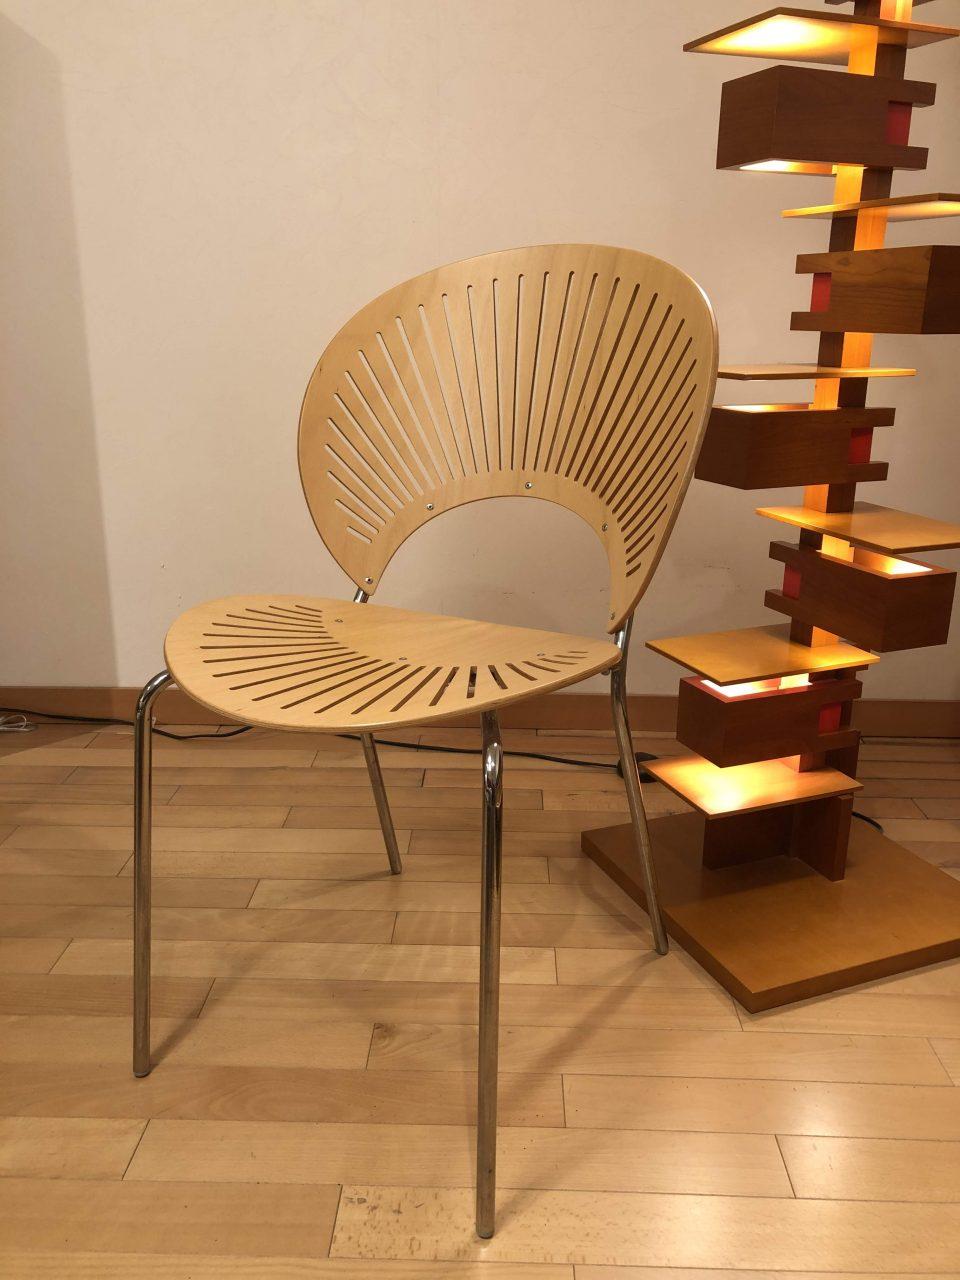 ナンナ・ディッツェルデザインのトリニダードチェアを新潟市の家具店ボー・デコールで展示しております